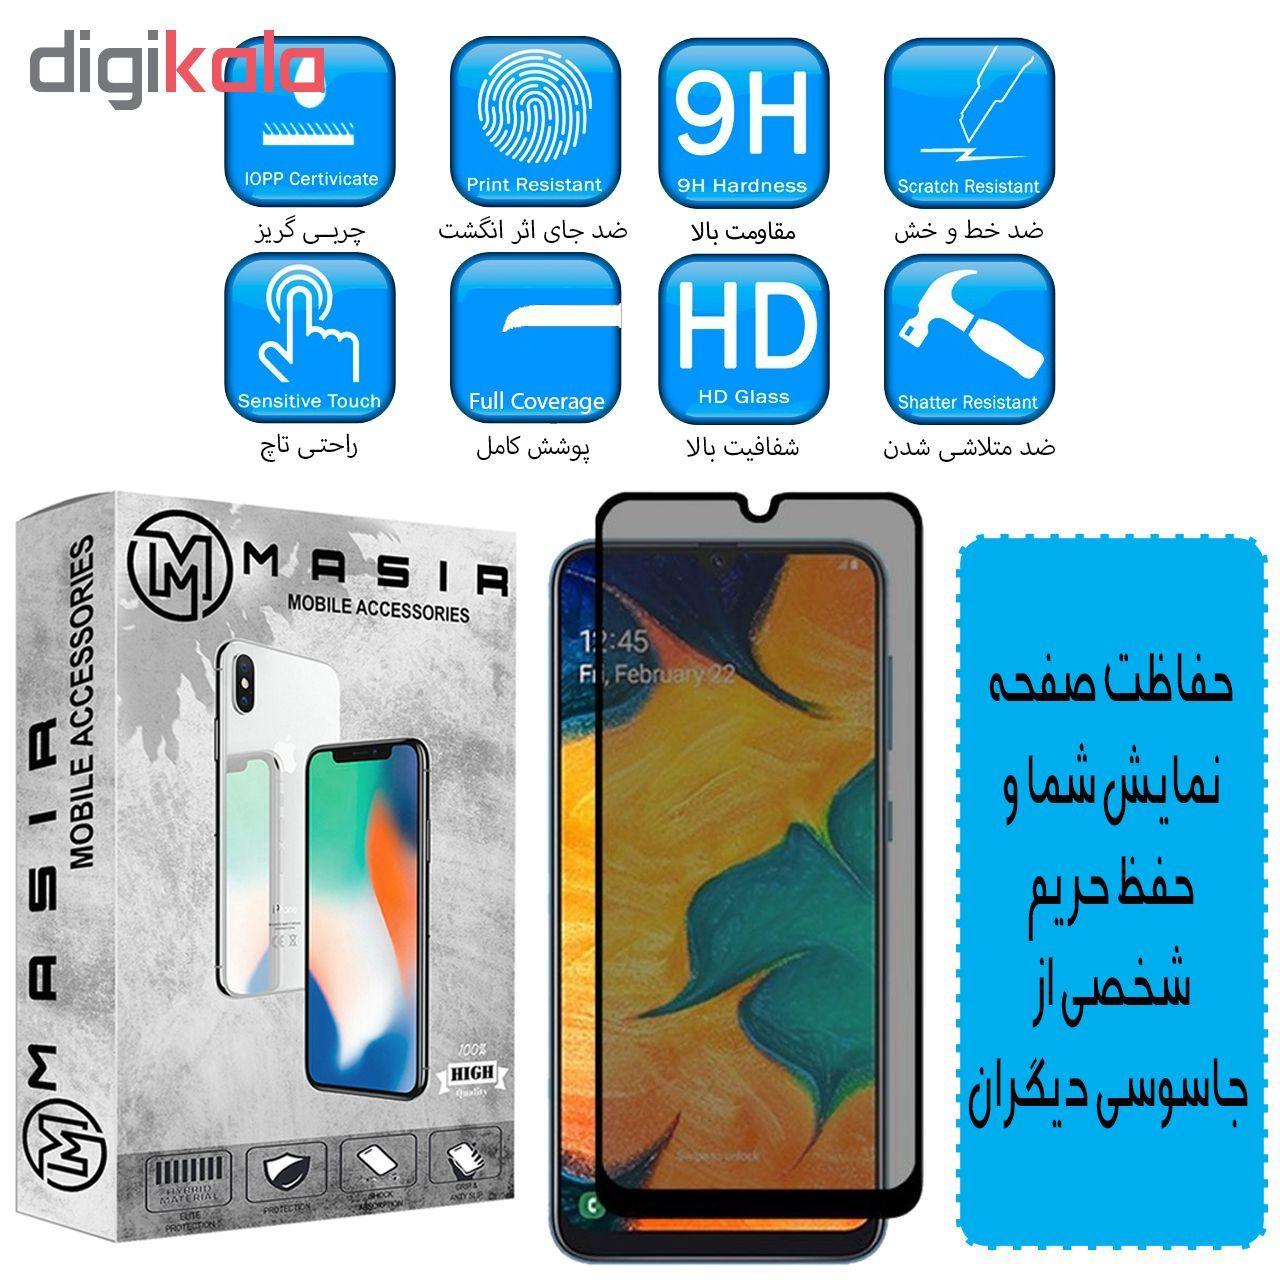 محافظ صفحه نمایش حریم شخصی مسیر مدل MGFPV-2 مناسب برای گوشی موبایل موبایل سامسونگ Galaxy A10 بسته دو عددی main 1 1